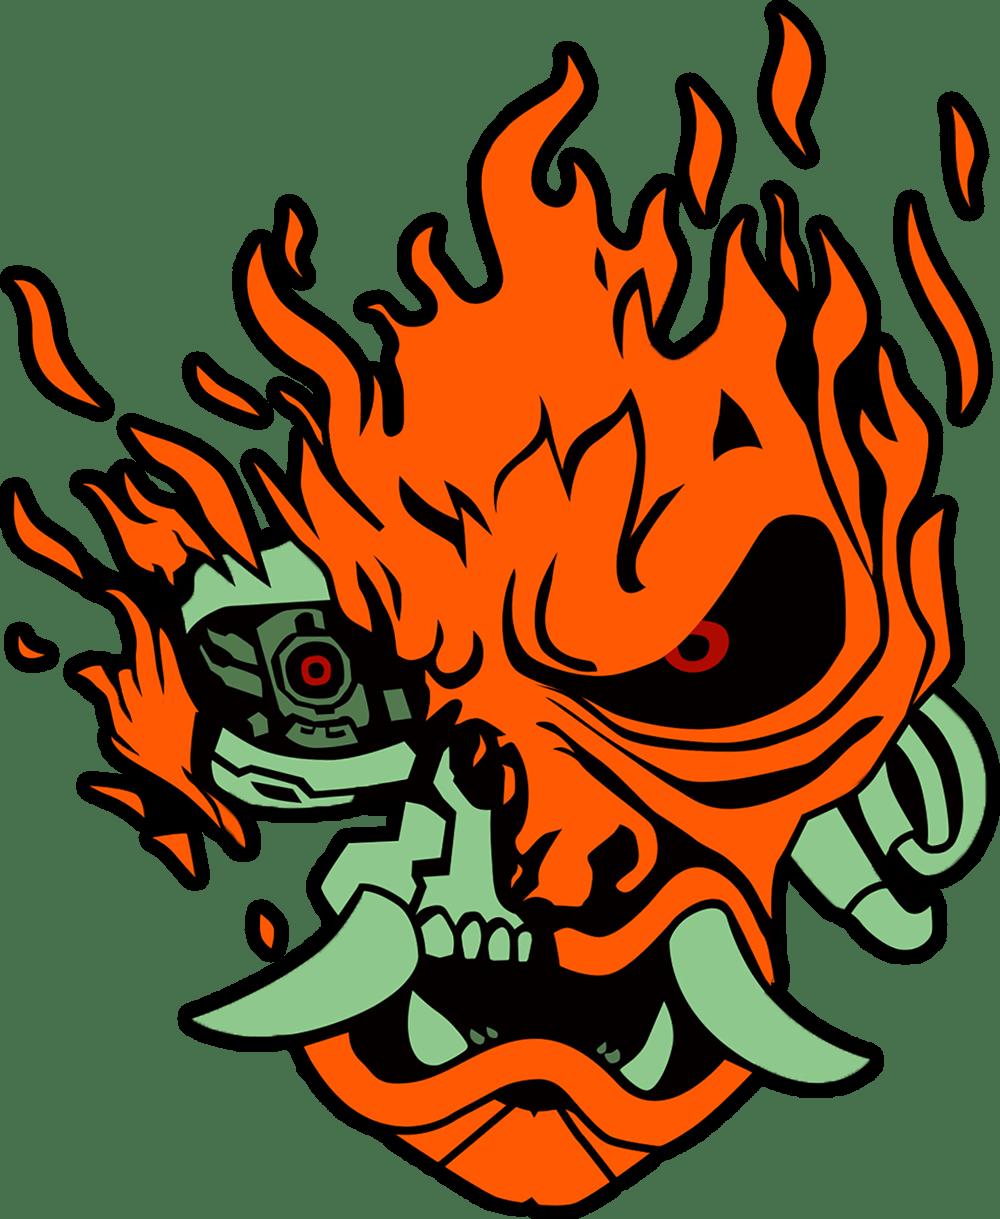 Image of Street Samurai Skull